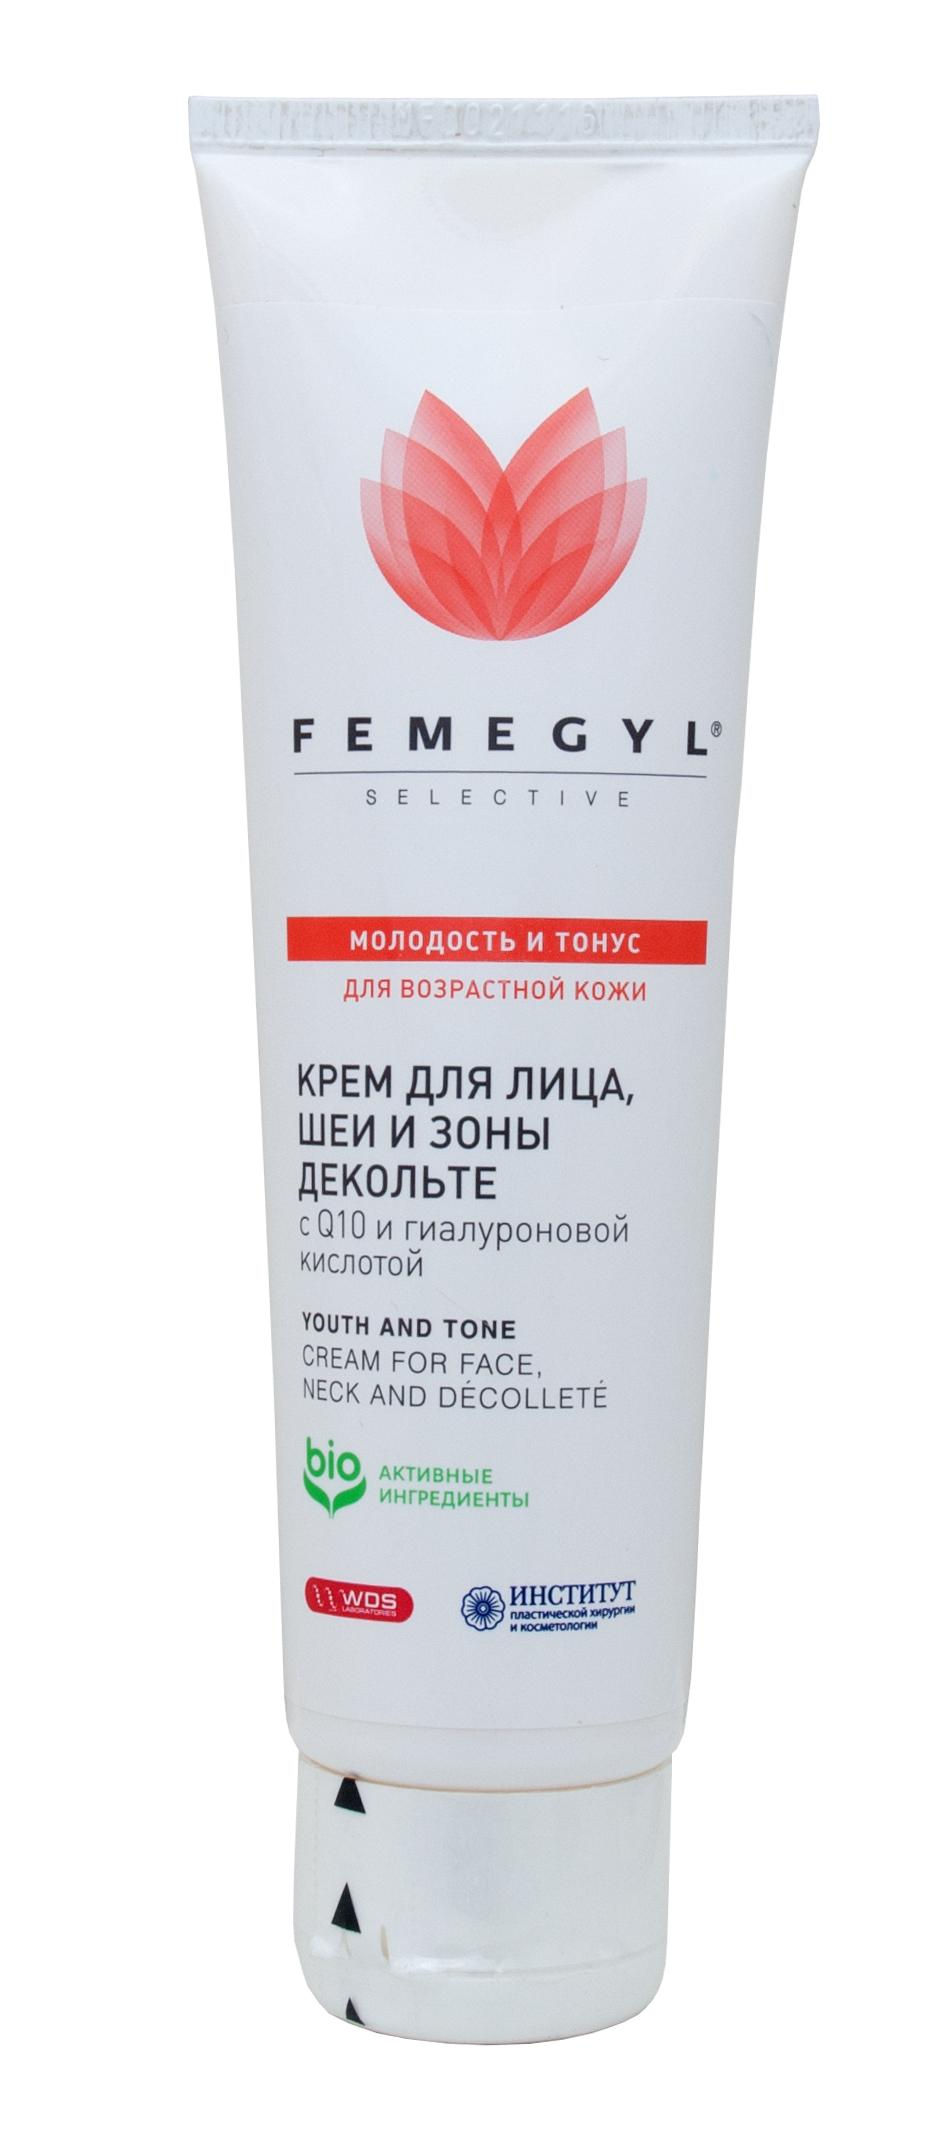 Крем для лица, шеи и зоны декольте Молодость и Тонус 100 мл (Femegyl, Femegyl selective) сыворотка для лица шеи и зоны декольте молодость и тонус 50 мл femegyl femegyl selective